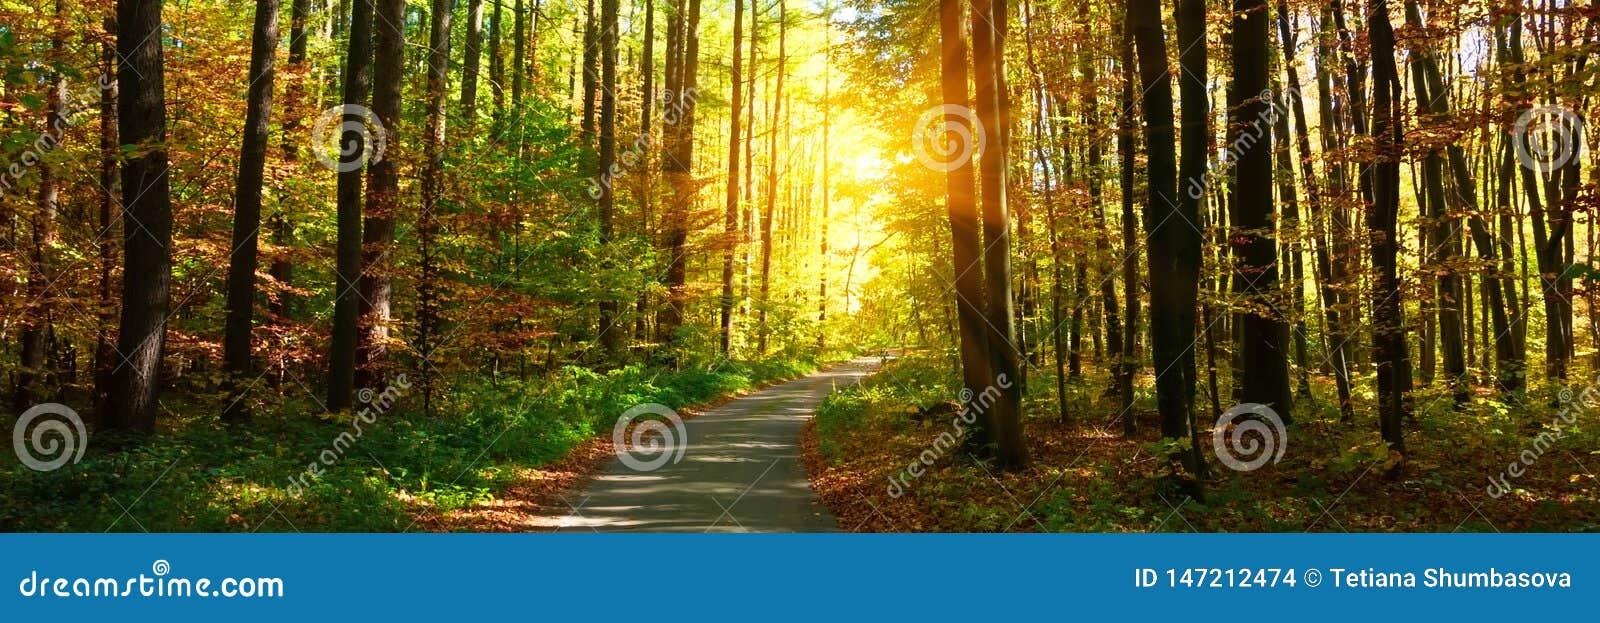 3:1 de banni?re For?t d automne avec le sentier pi?ton menant dans la sc?ne Rayons de lumi?re du soleil par les branches d arbre